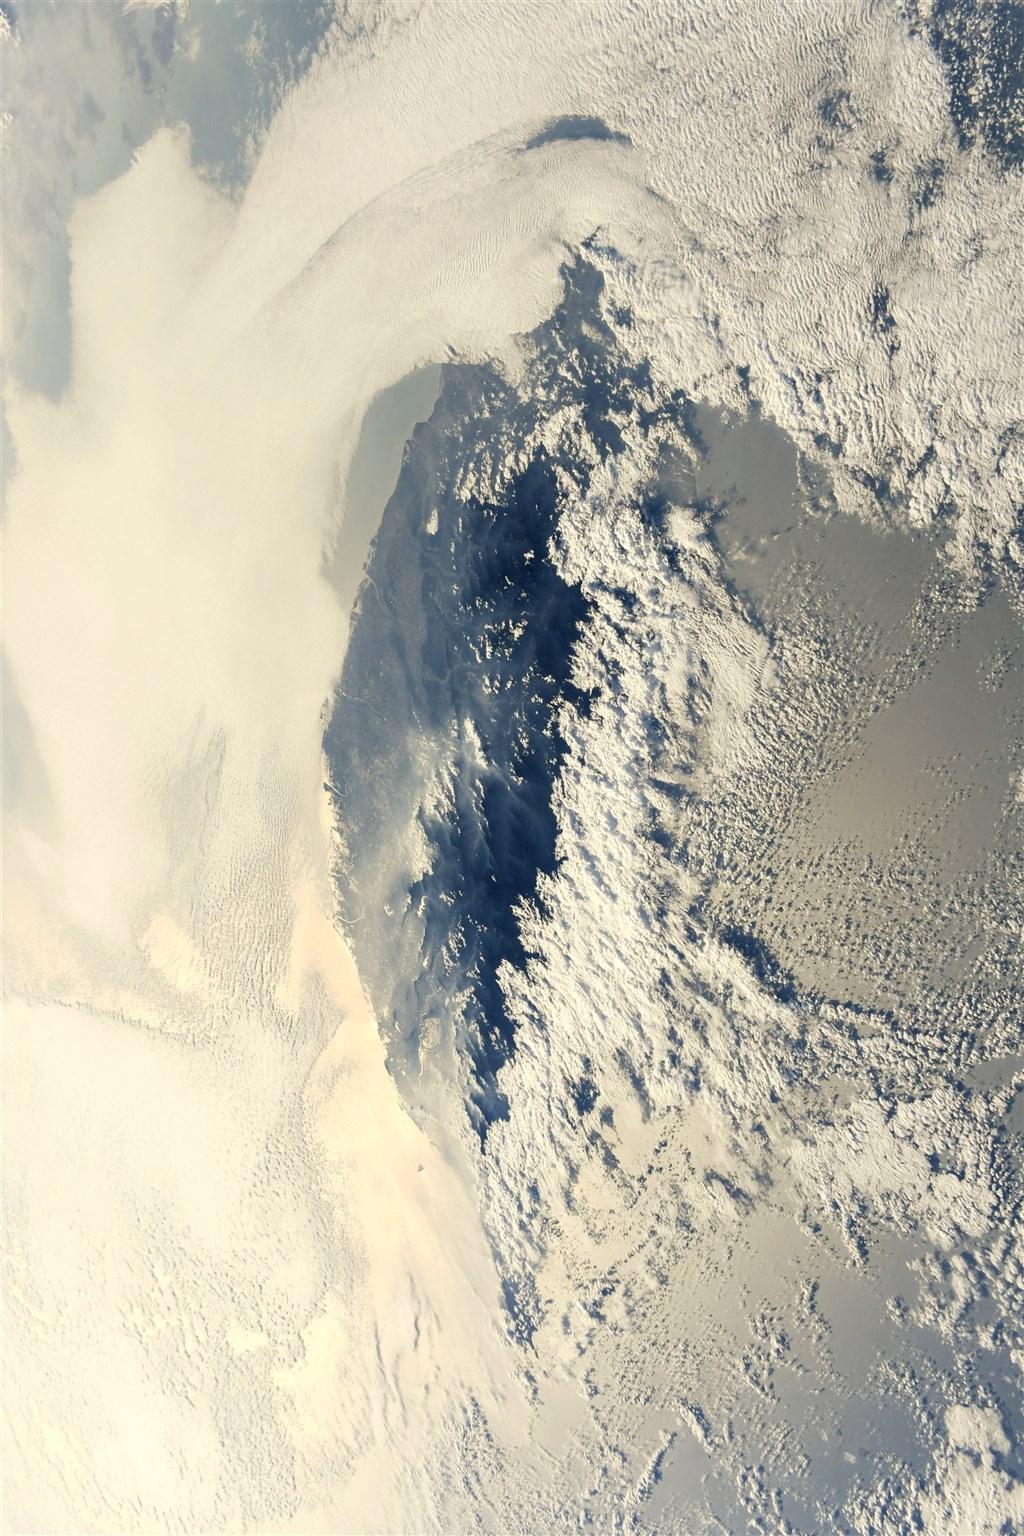 日籍太空人野口聰一23日推文,附上一張從國際太空站拍下的台灣被雲海包圍的夕照,二度空拍台灣。(圖取自twitter.com/Astro_Soichi)